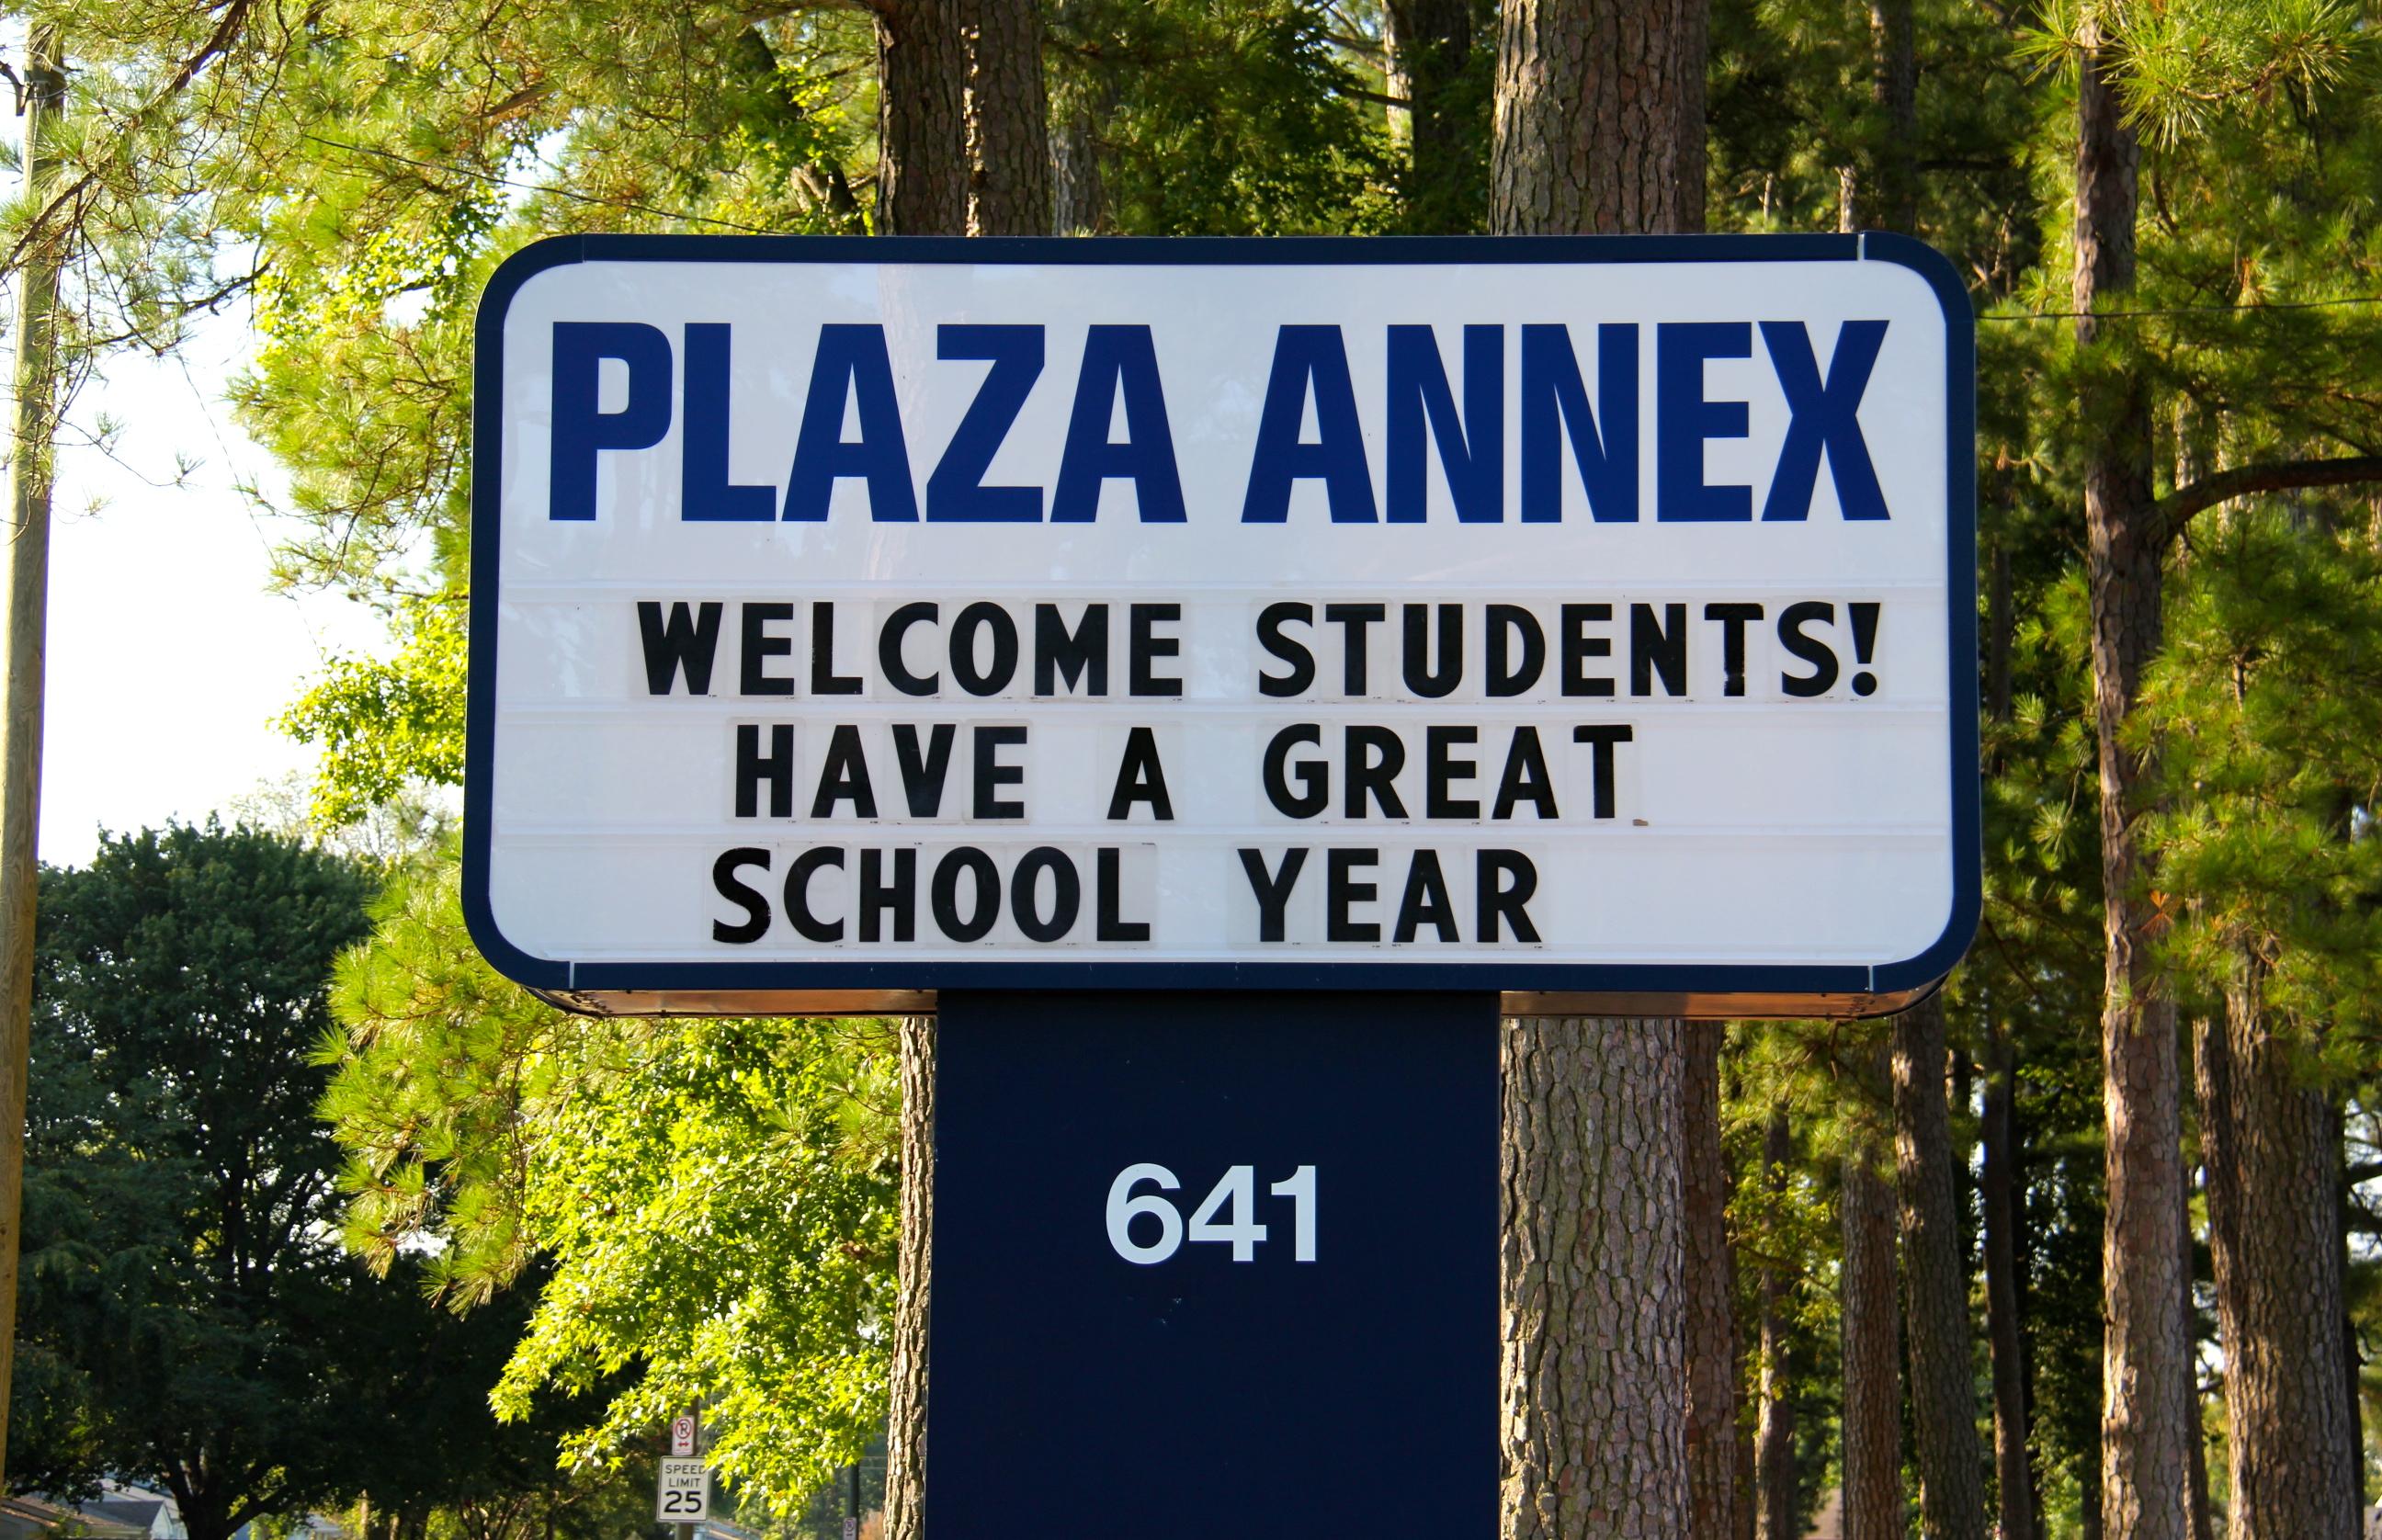 Plaza Annex marquee